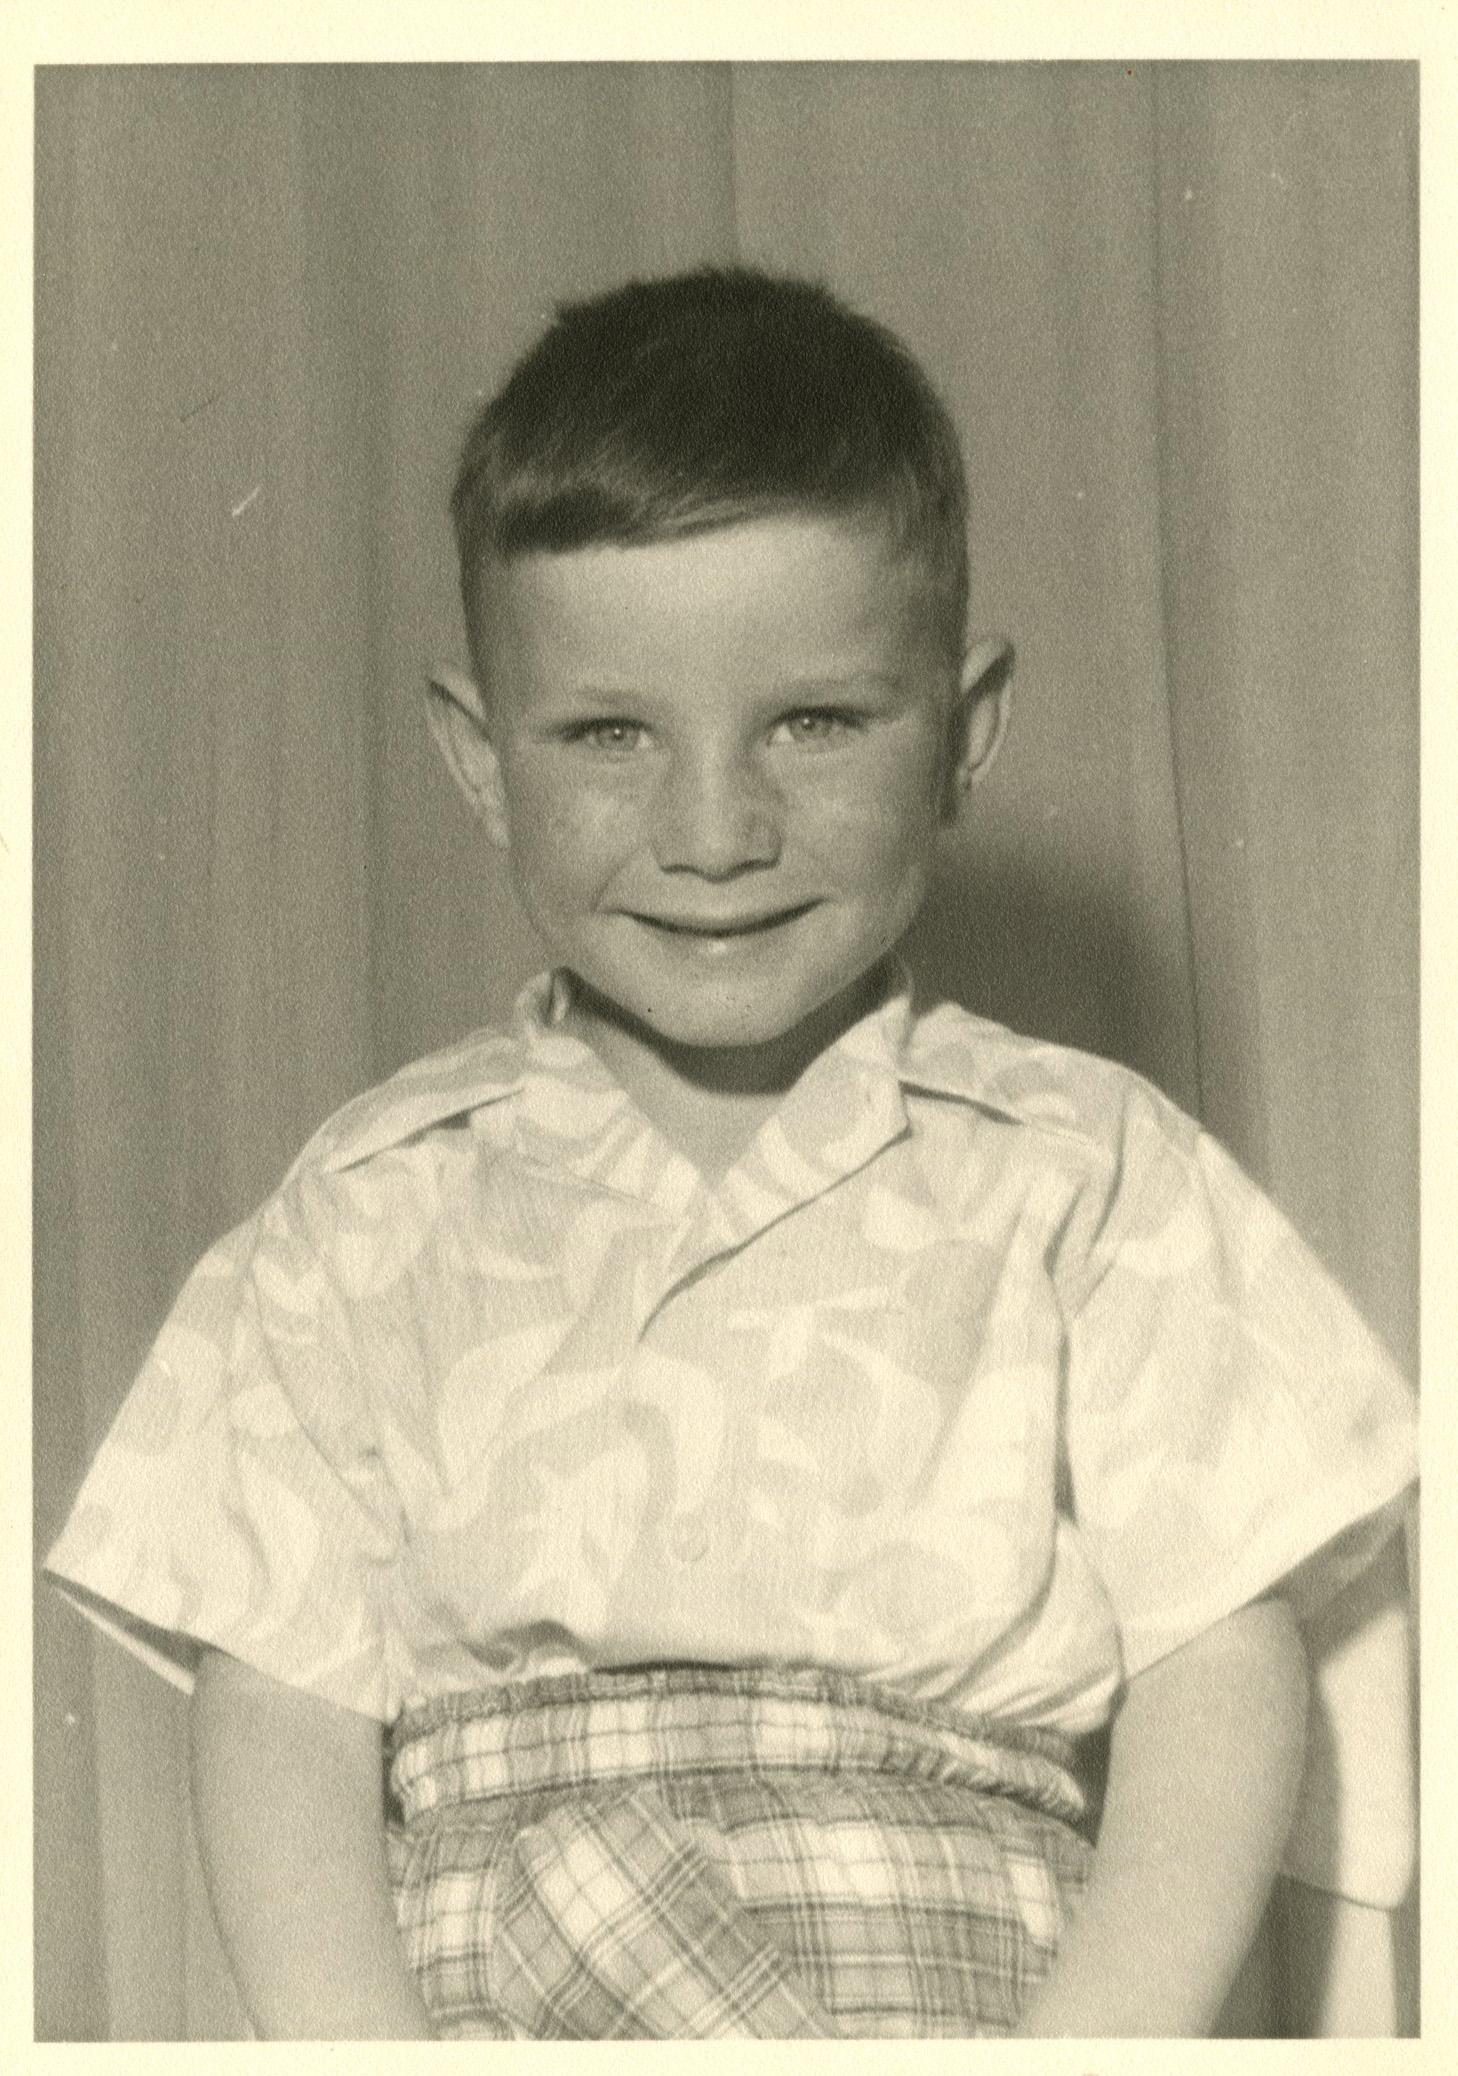 Ian Wallace as a boy